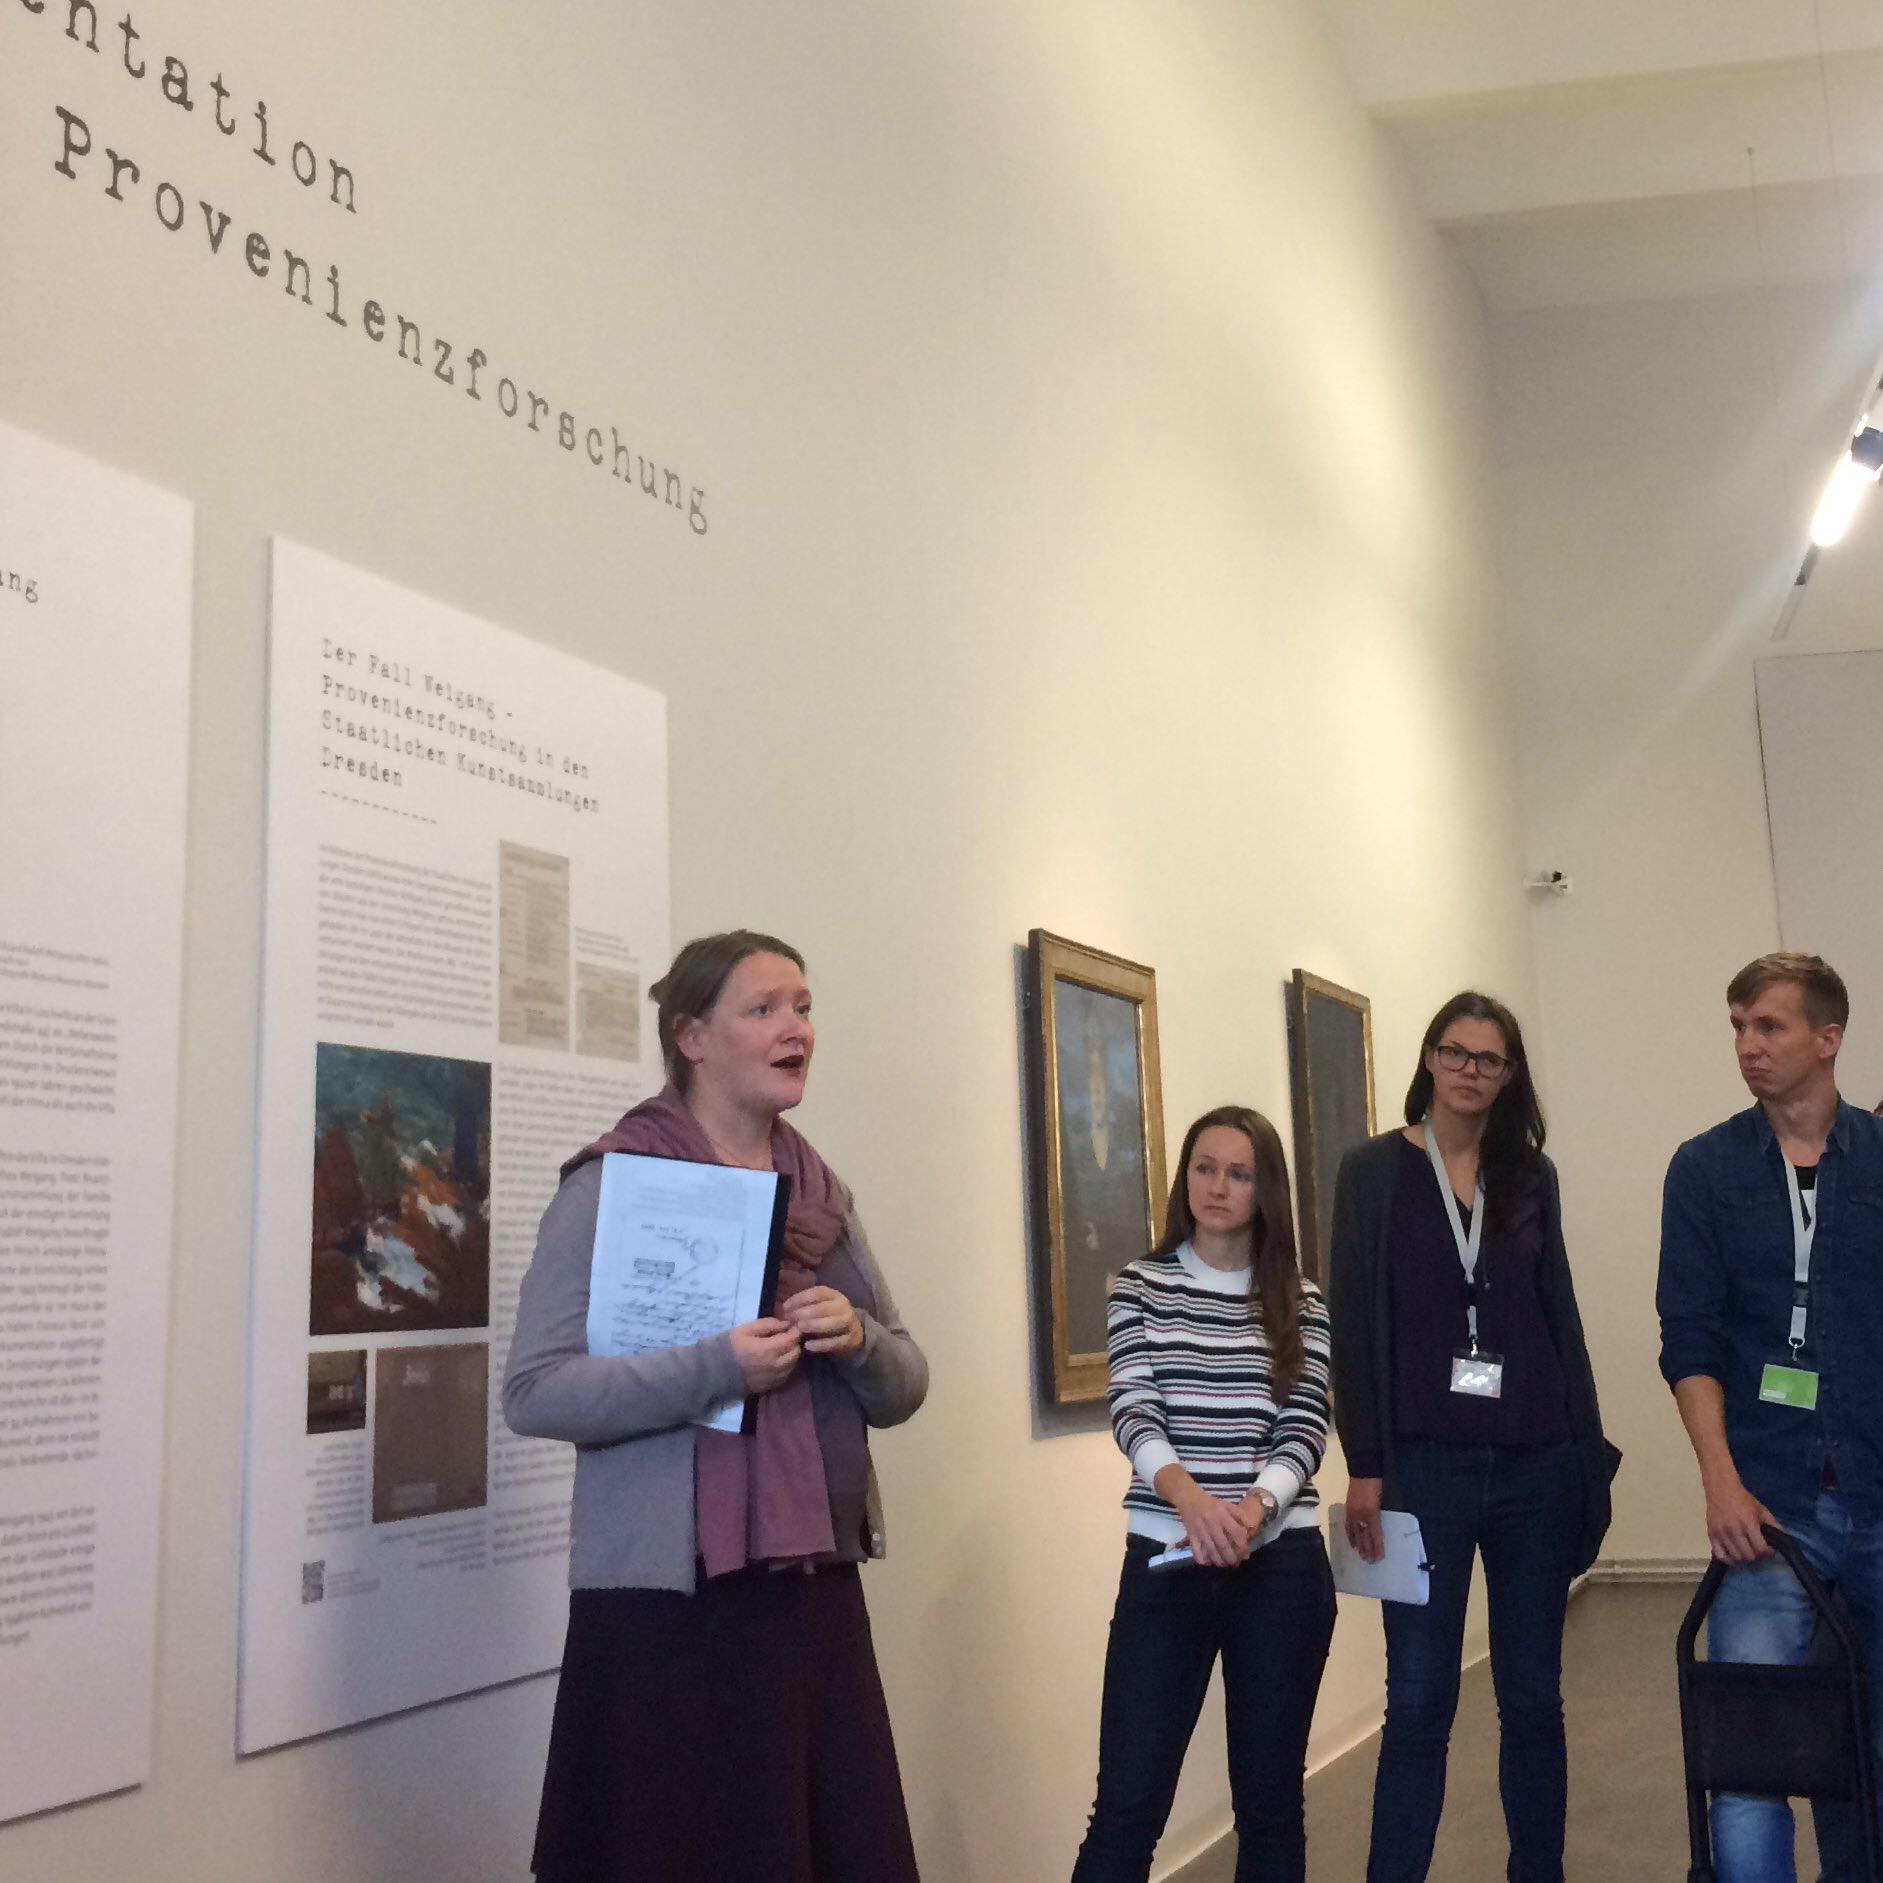 #ddss16 heute in den @skdmuseum: Auftakt zur Provenienzforschung im #Albertinum Die Sammlung Weigang https://t.co/iKbLl4tLmZ